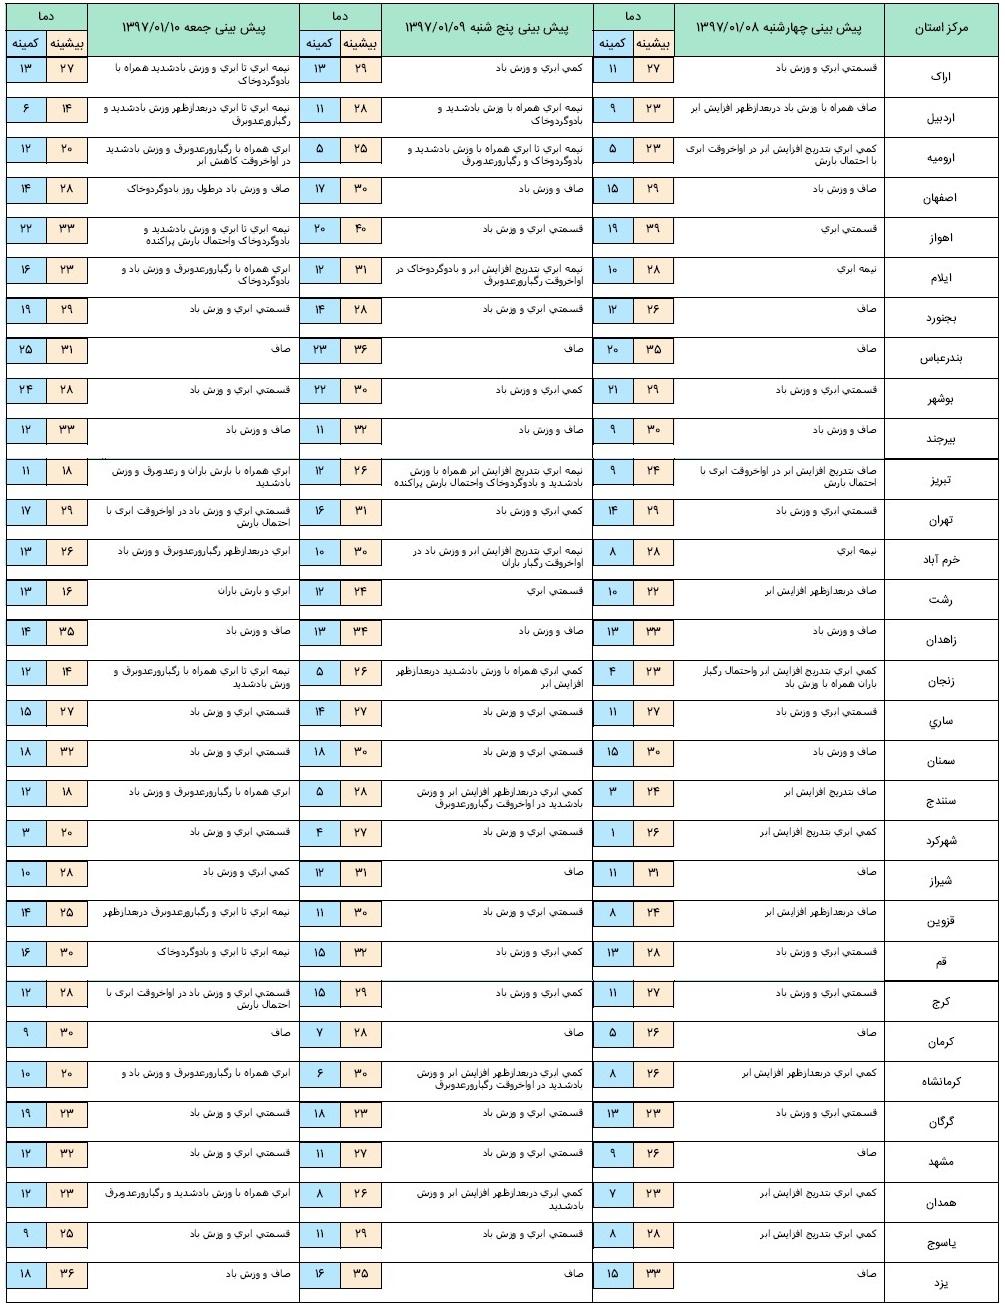 آخرین وضعیت آب و هوا و ترافیک جادهای؛ چهارشنبه هشتم فروردین ۹۷